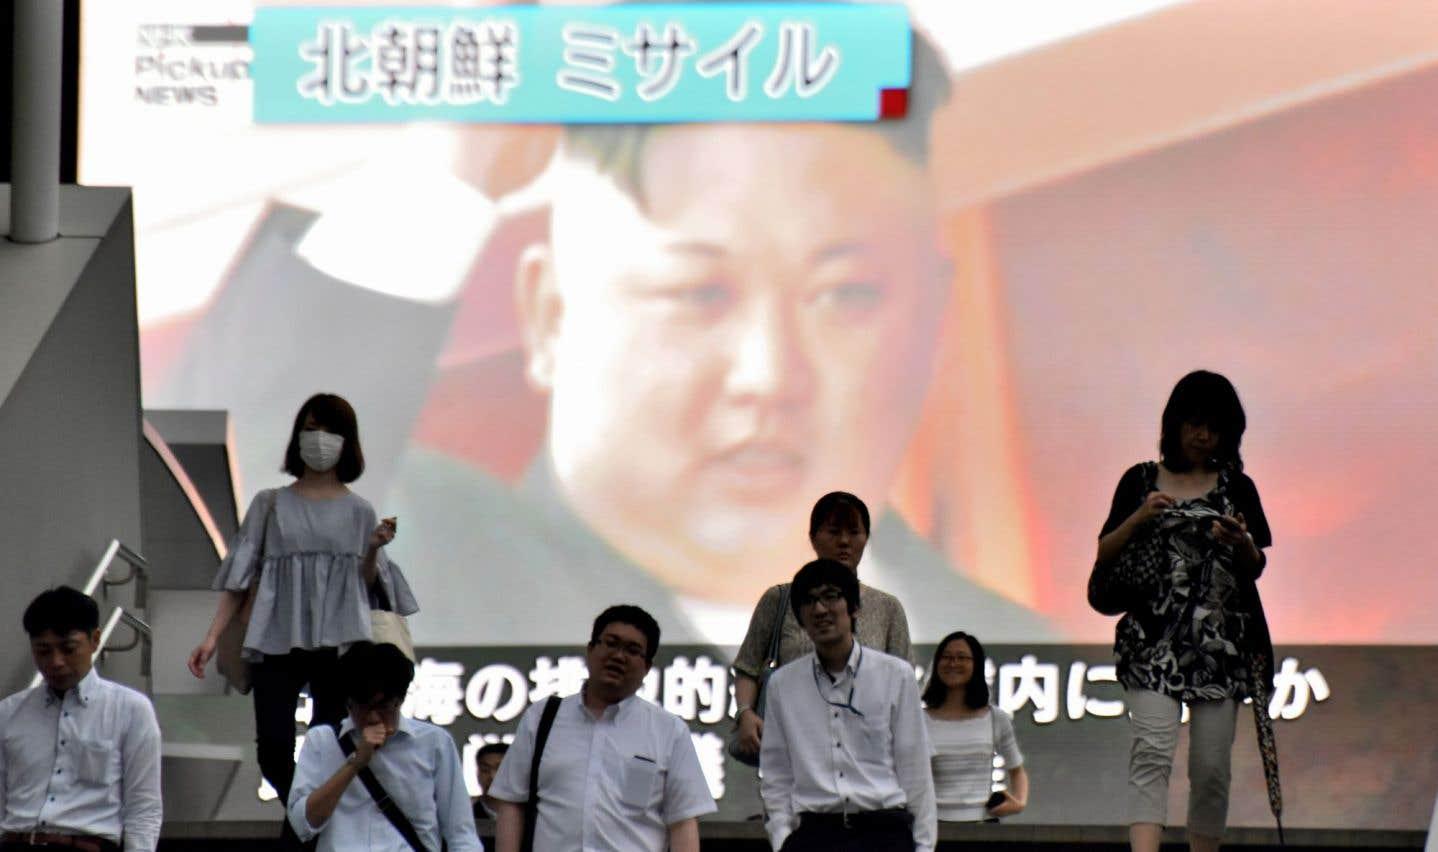 Le missile nord-coréen, une «nouvelle escalade de la menace»